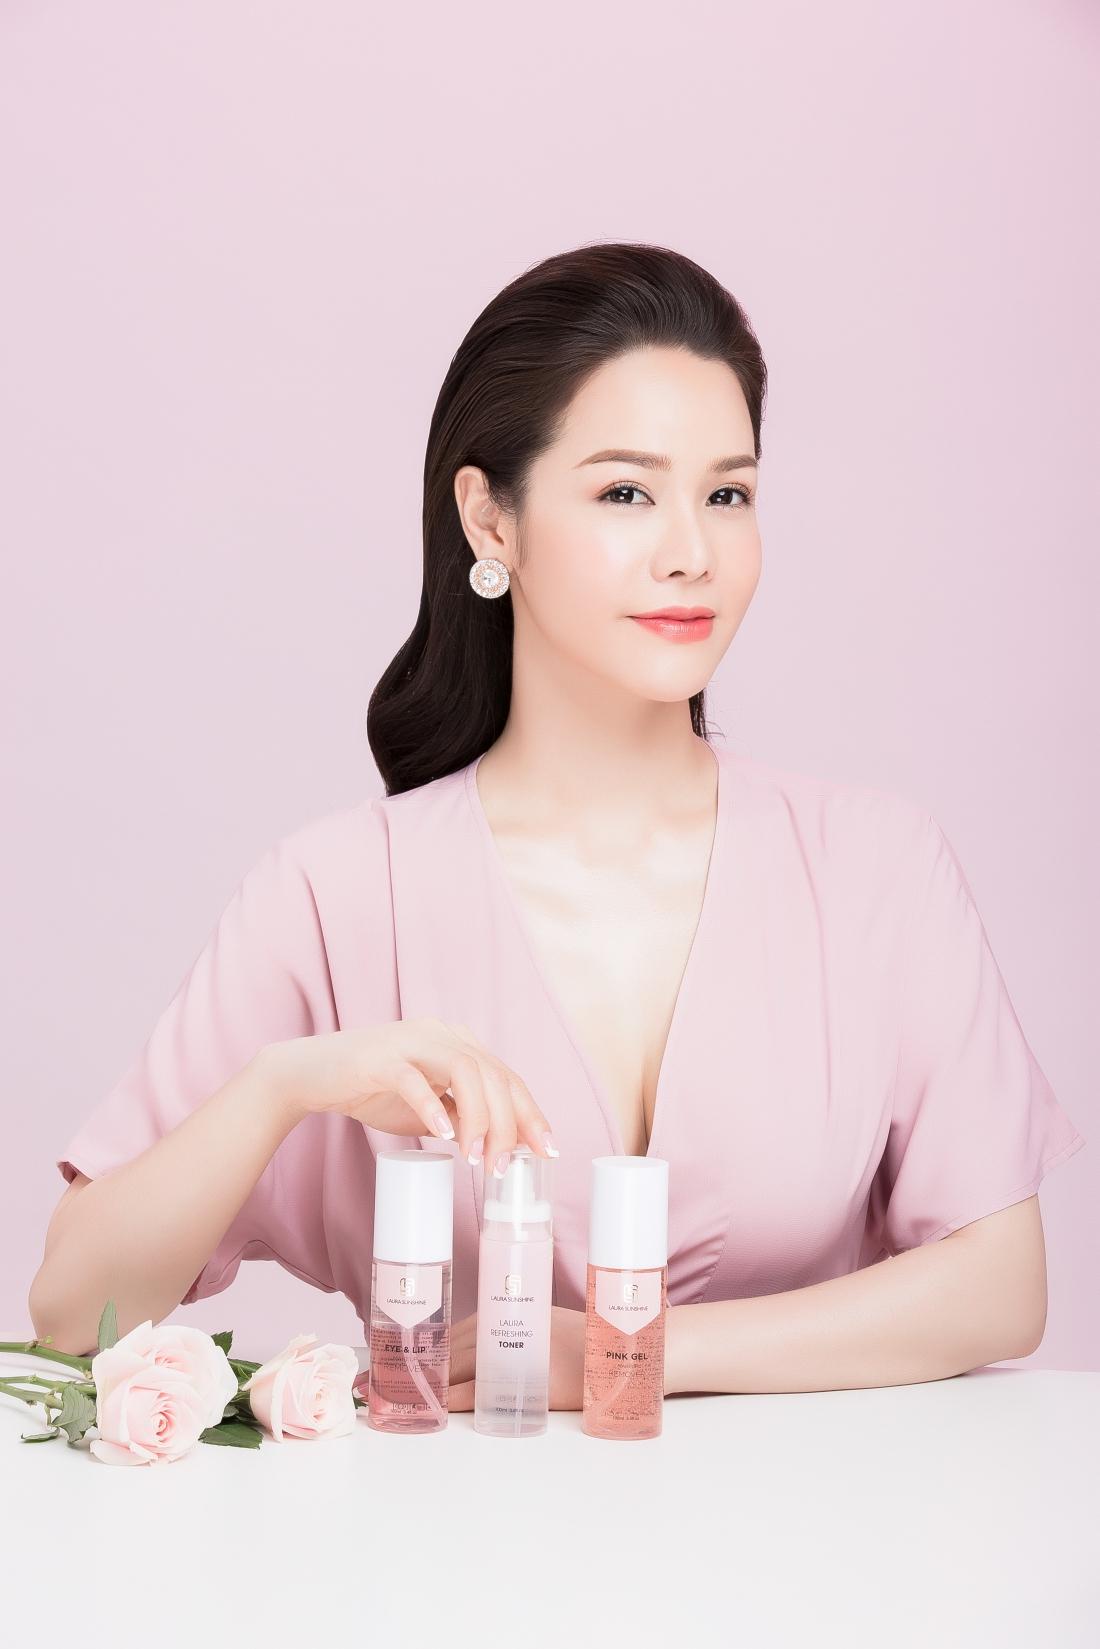 Học hỏi Nhật Kim Anh chăm sóc da với bộ tẩy trang toàn diện và xịt tinh chất hoa hồng - Ảnh 3.